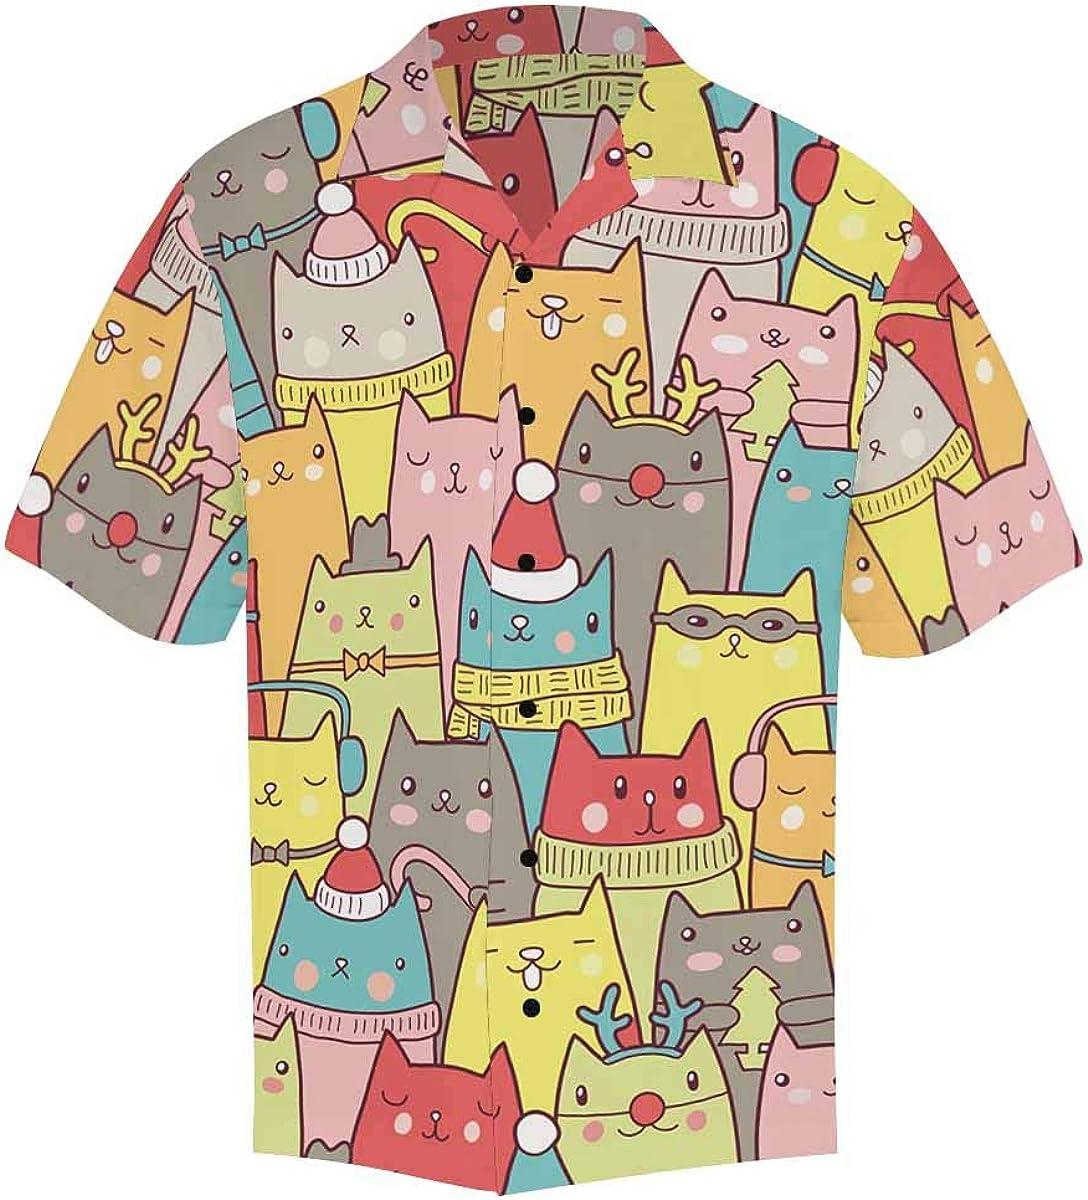 InterestPrint Men's Casual Button Down Short Sleeve Cute Dog Pattern Hawaiian Shirt (S-5XL)